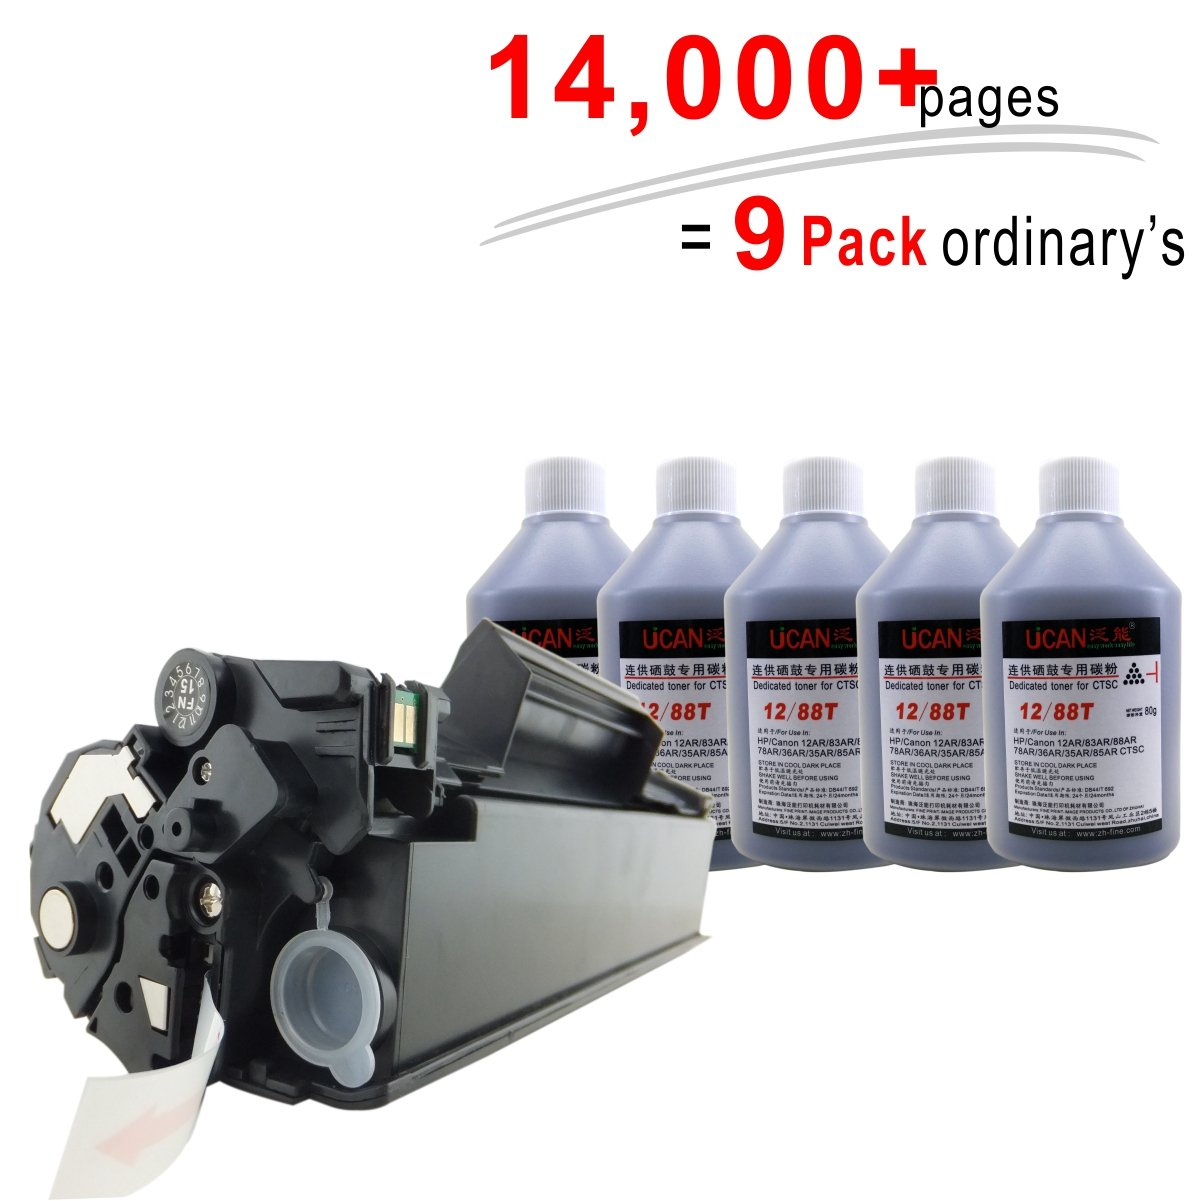 UCAN CRG 325 725 - Cartucho de Tóner para Impresora Canon LBP-6000 ...